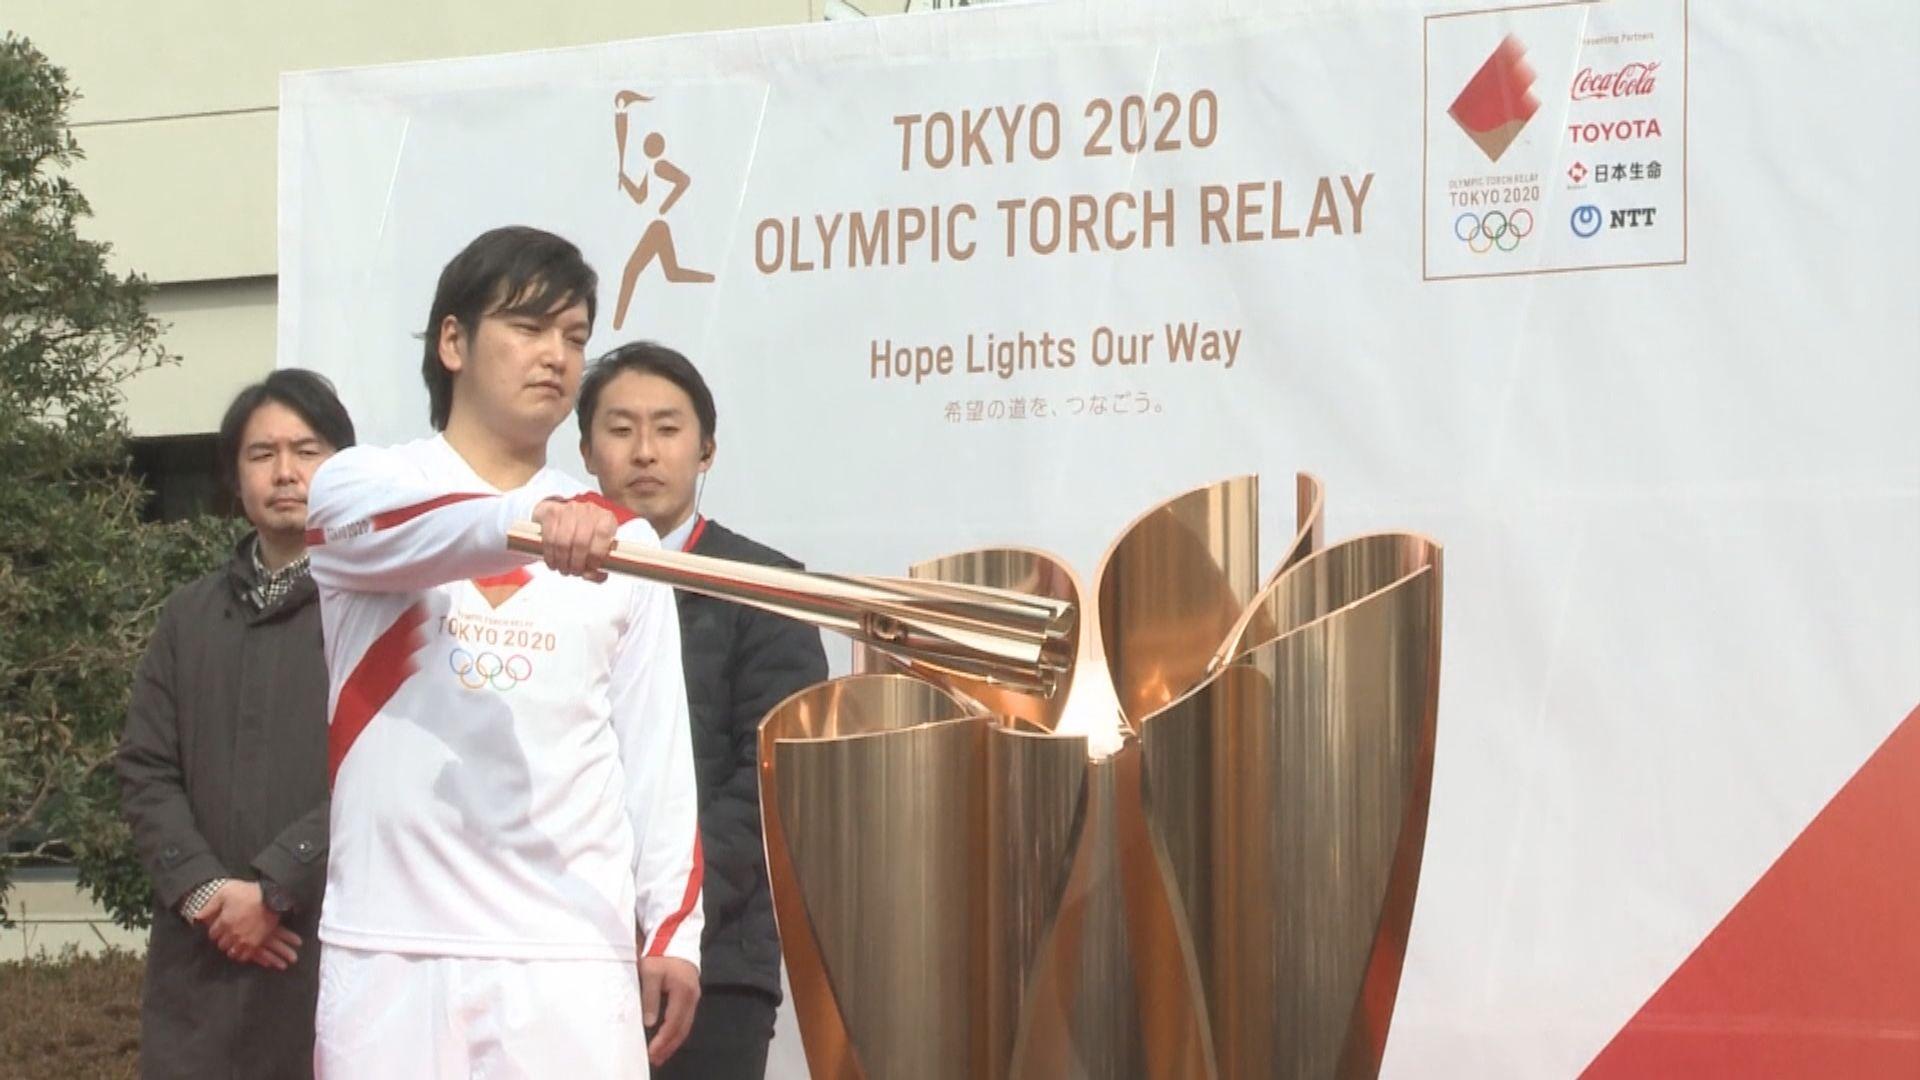 日本奧組委將因應疫情調整聖火傳遞安排